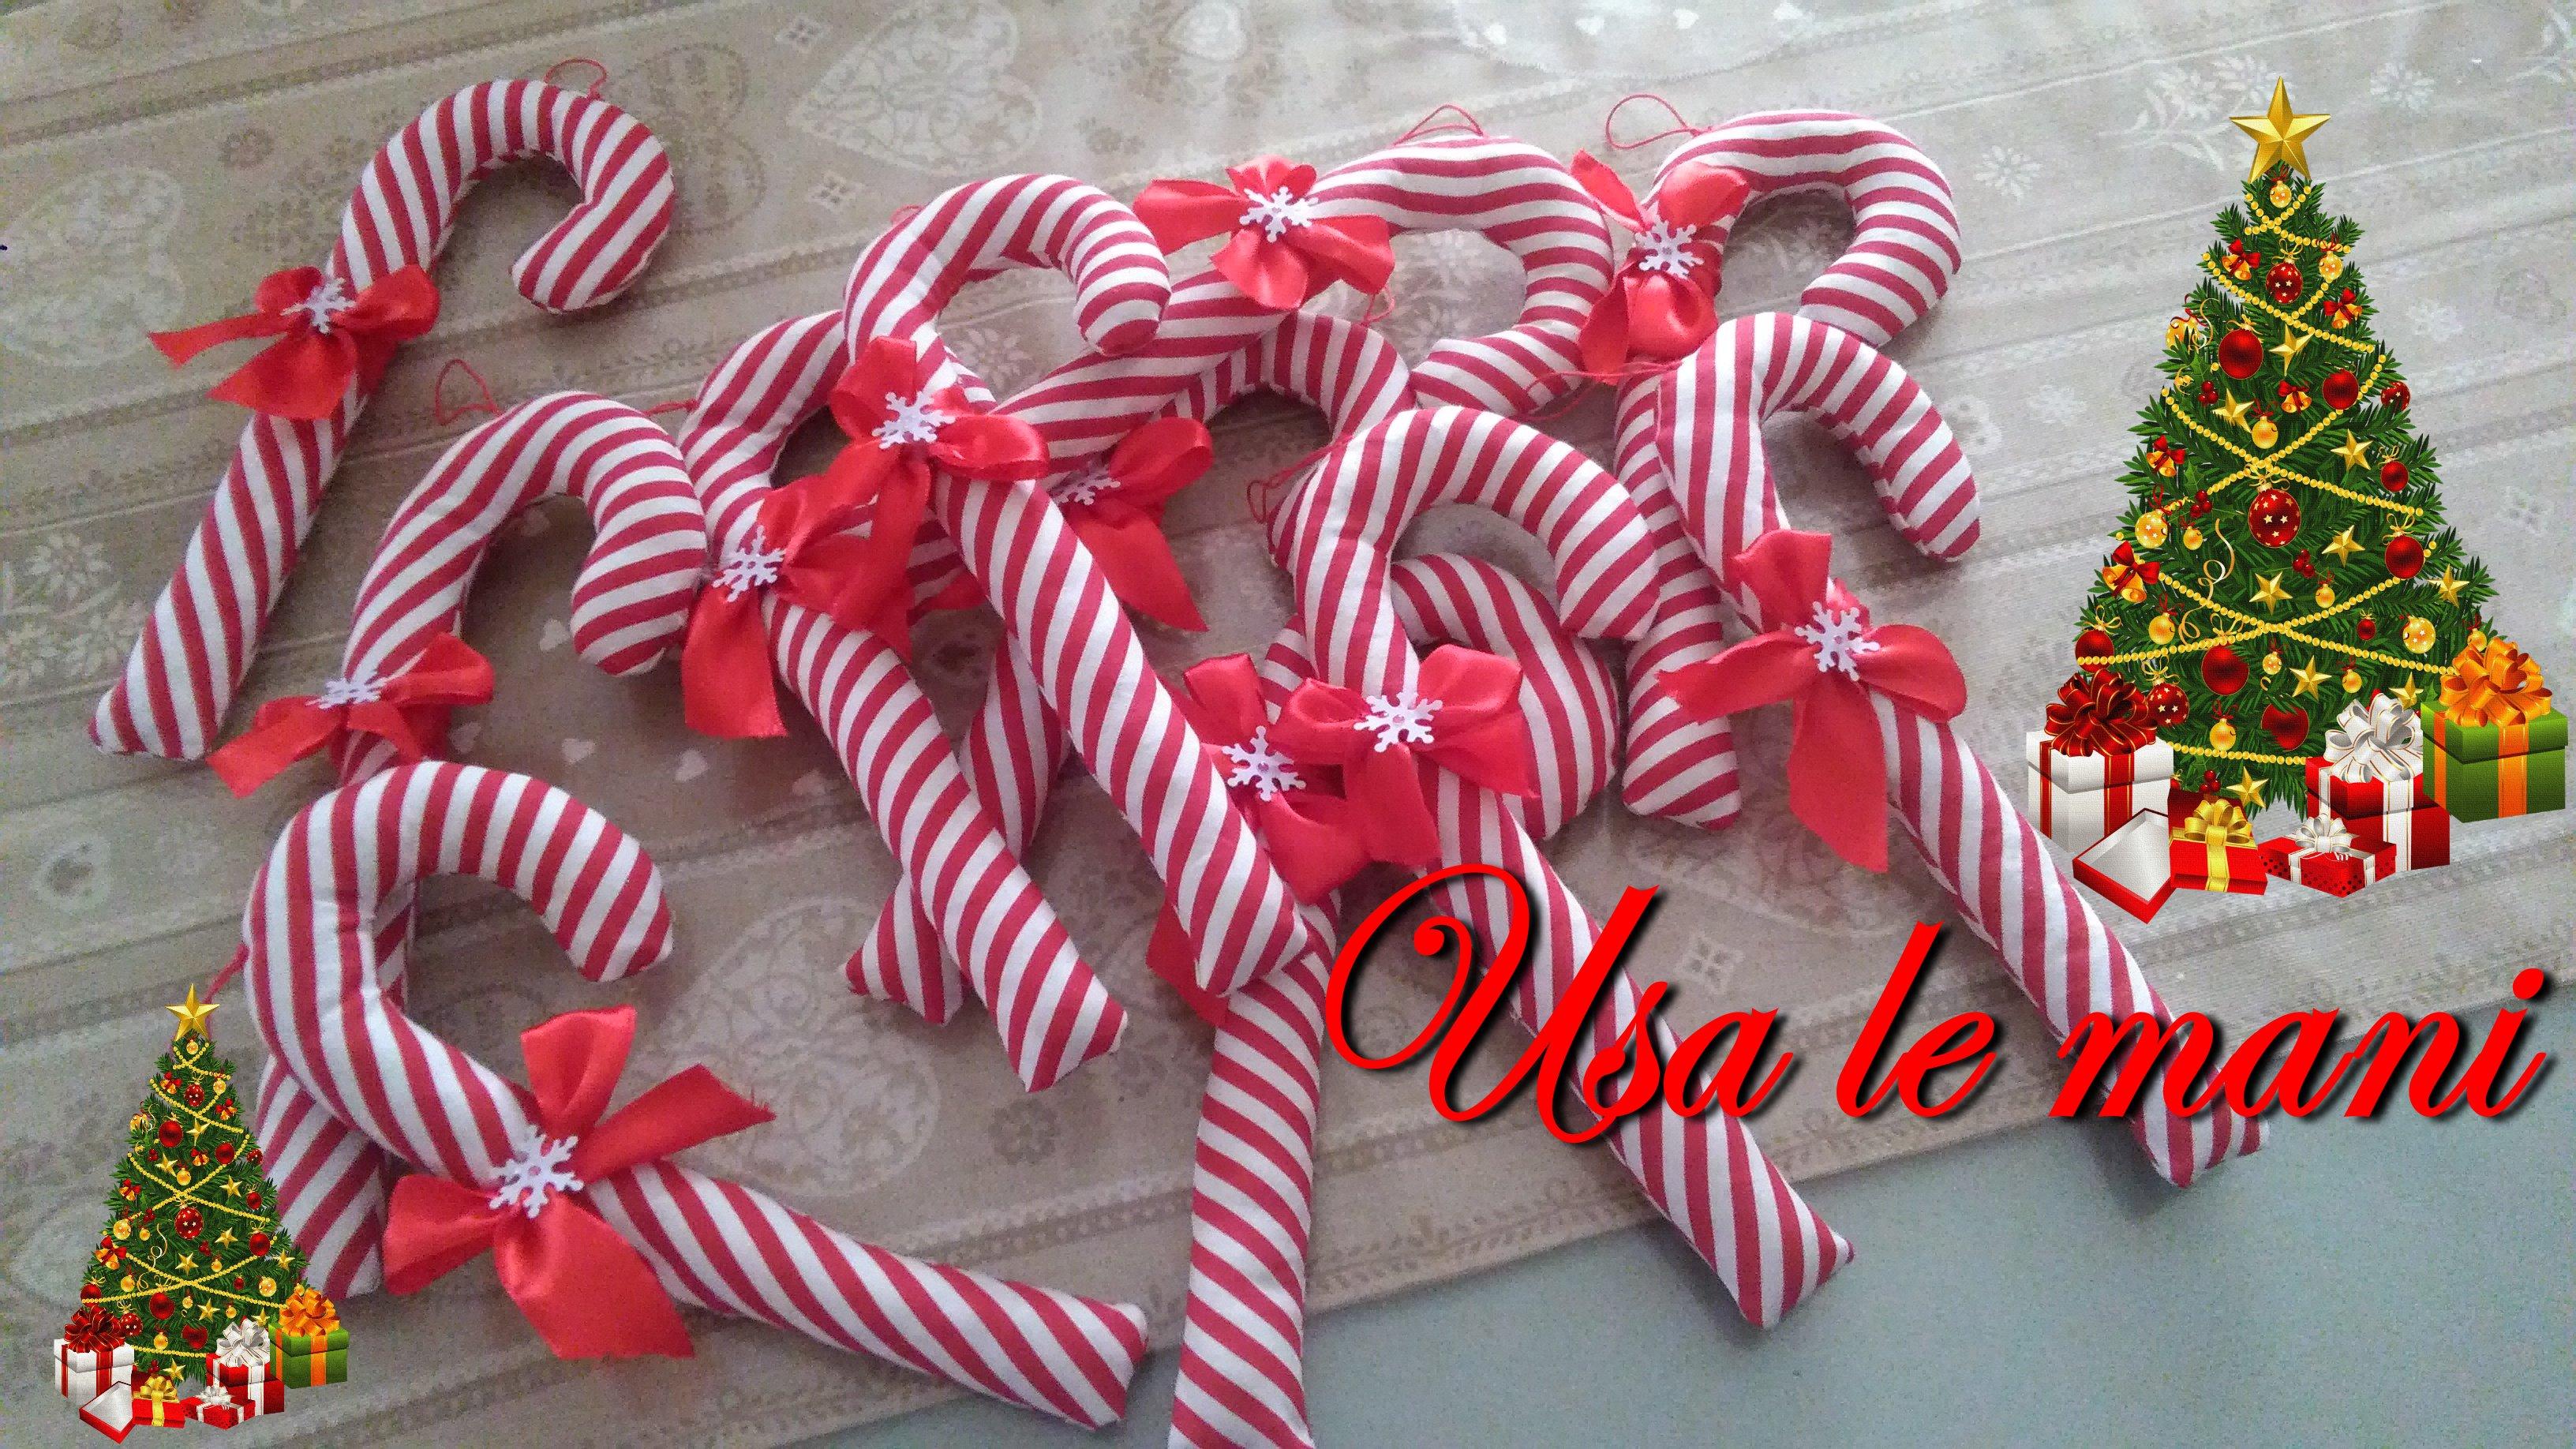 Idee Cucito Per Natale : Cucito creativo di natale bastoncini di zucchero usa le mani